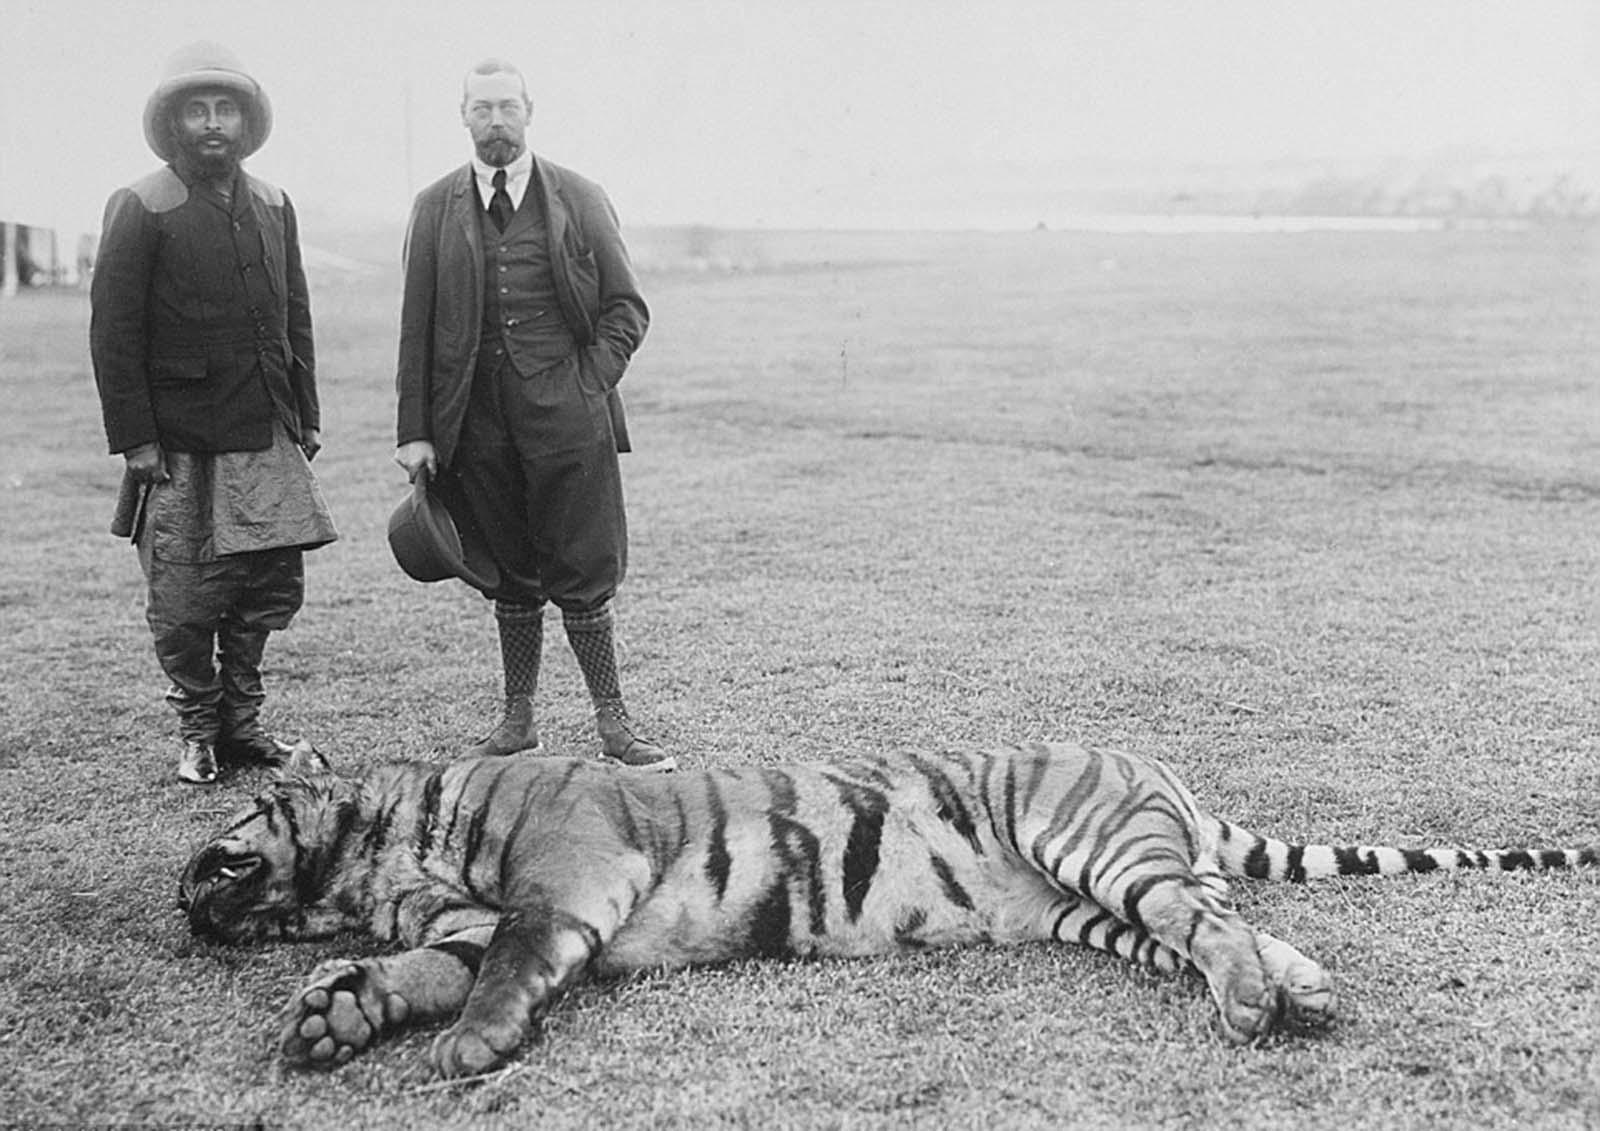 Em 1911 a realeza britânica foi à Índia para ser coroada e aproveitou para caçar 20